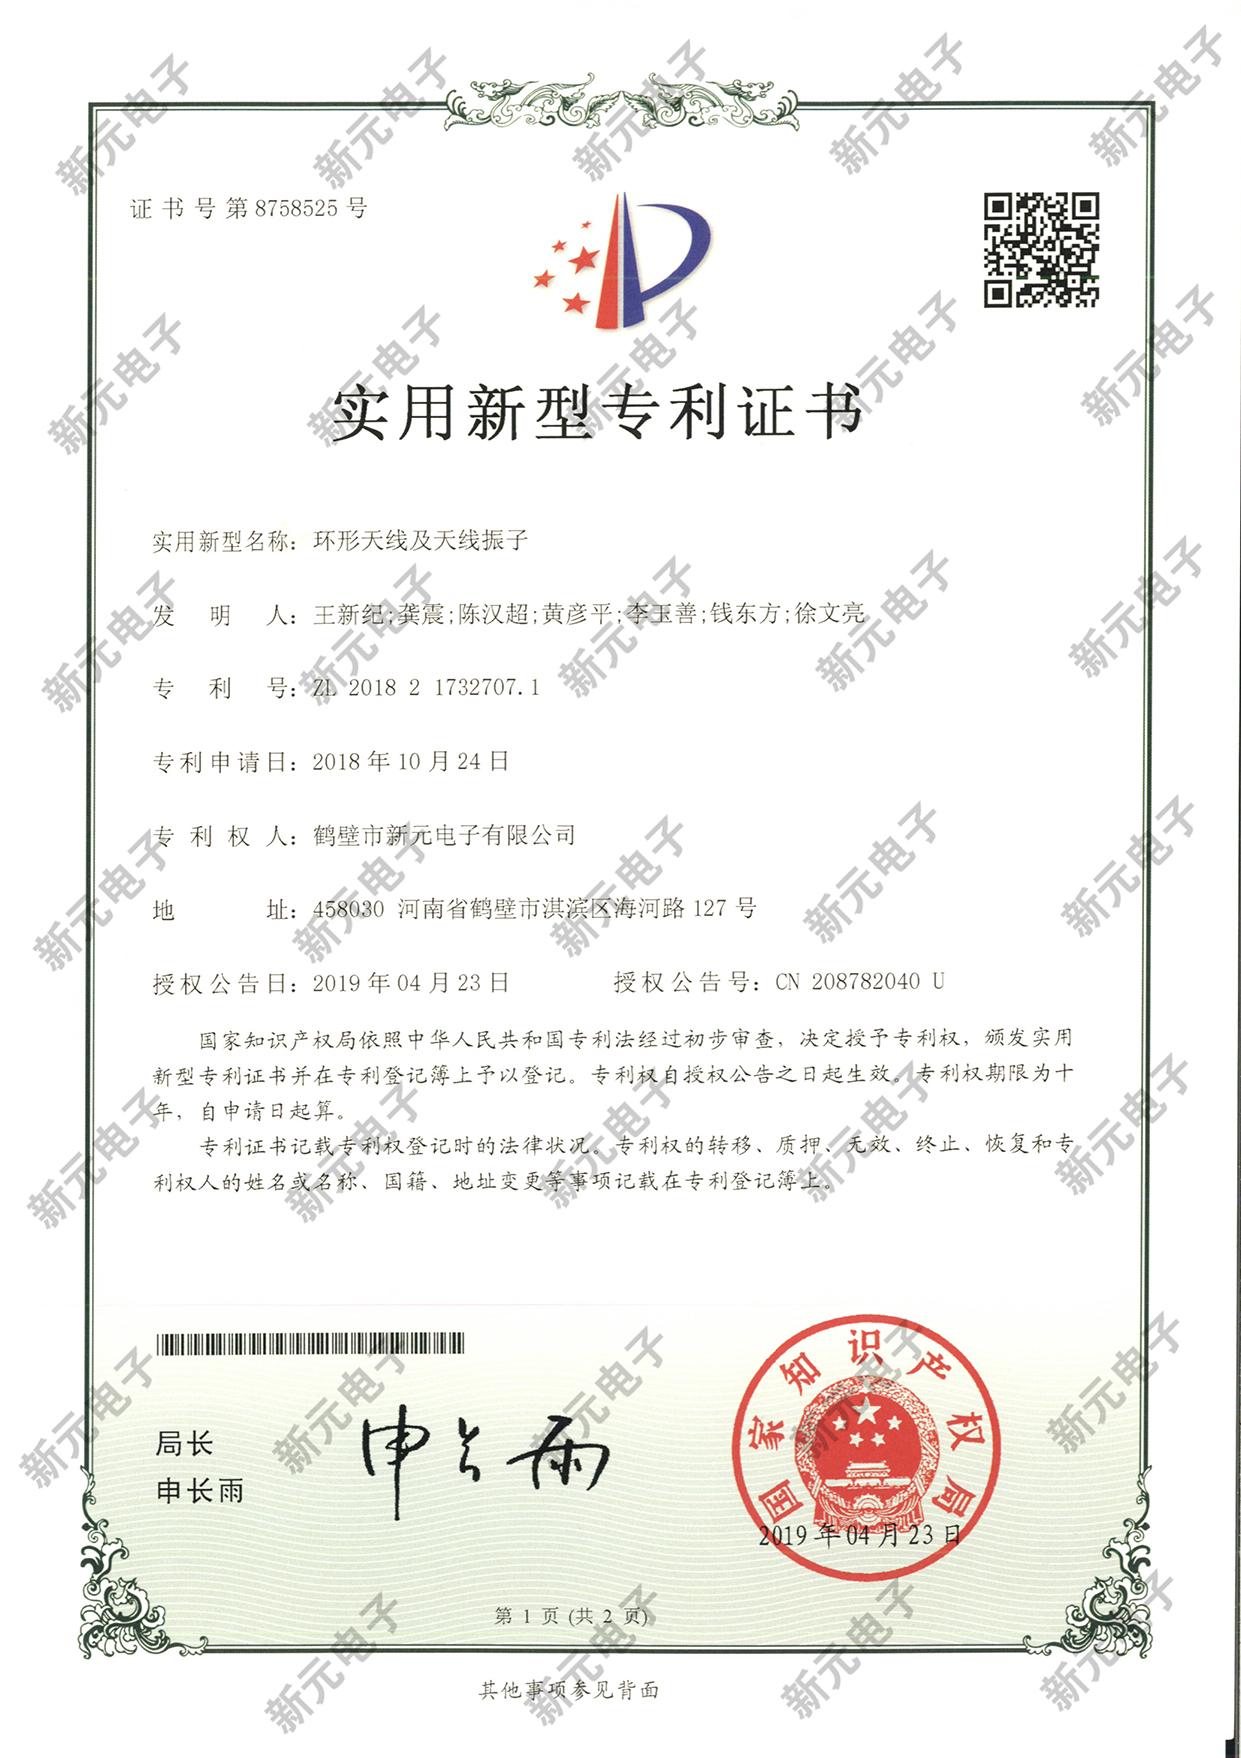 有水印-专利-环形天线及天线振子-实用新型专利证书-1